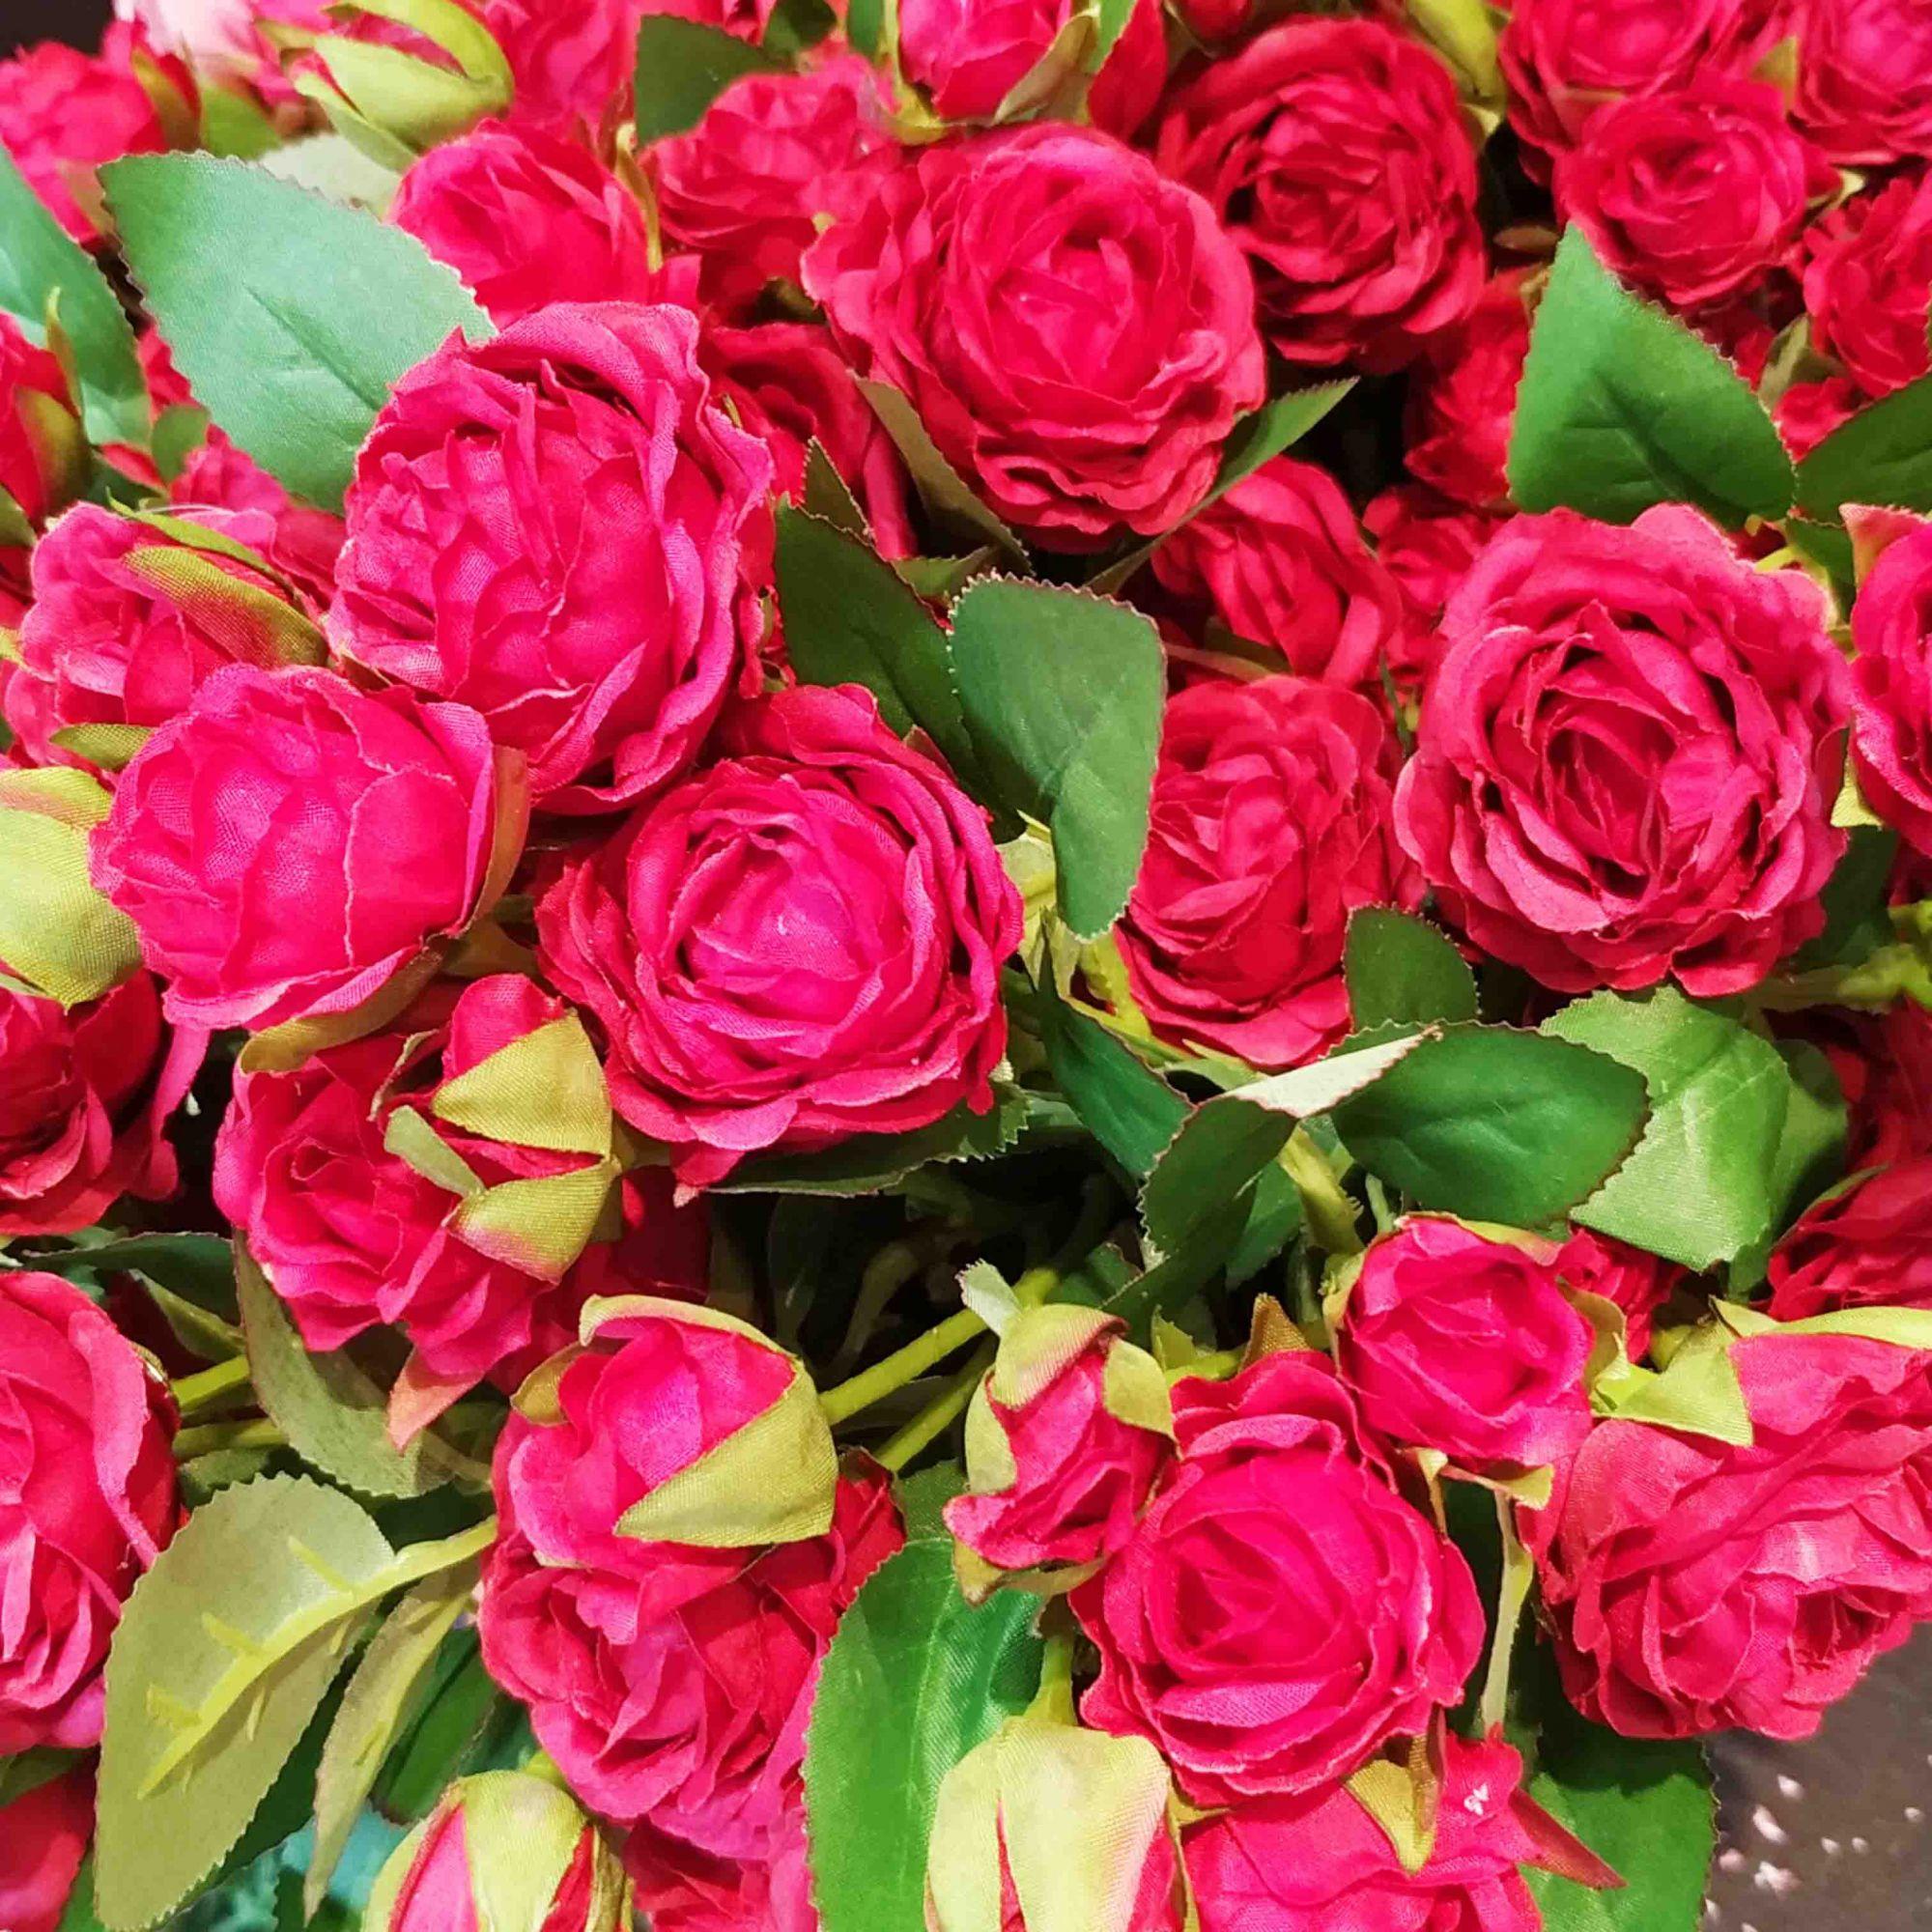 Haste Rosa 42 cm (dispon. em 02 cores)- unidade